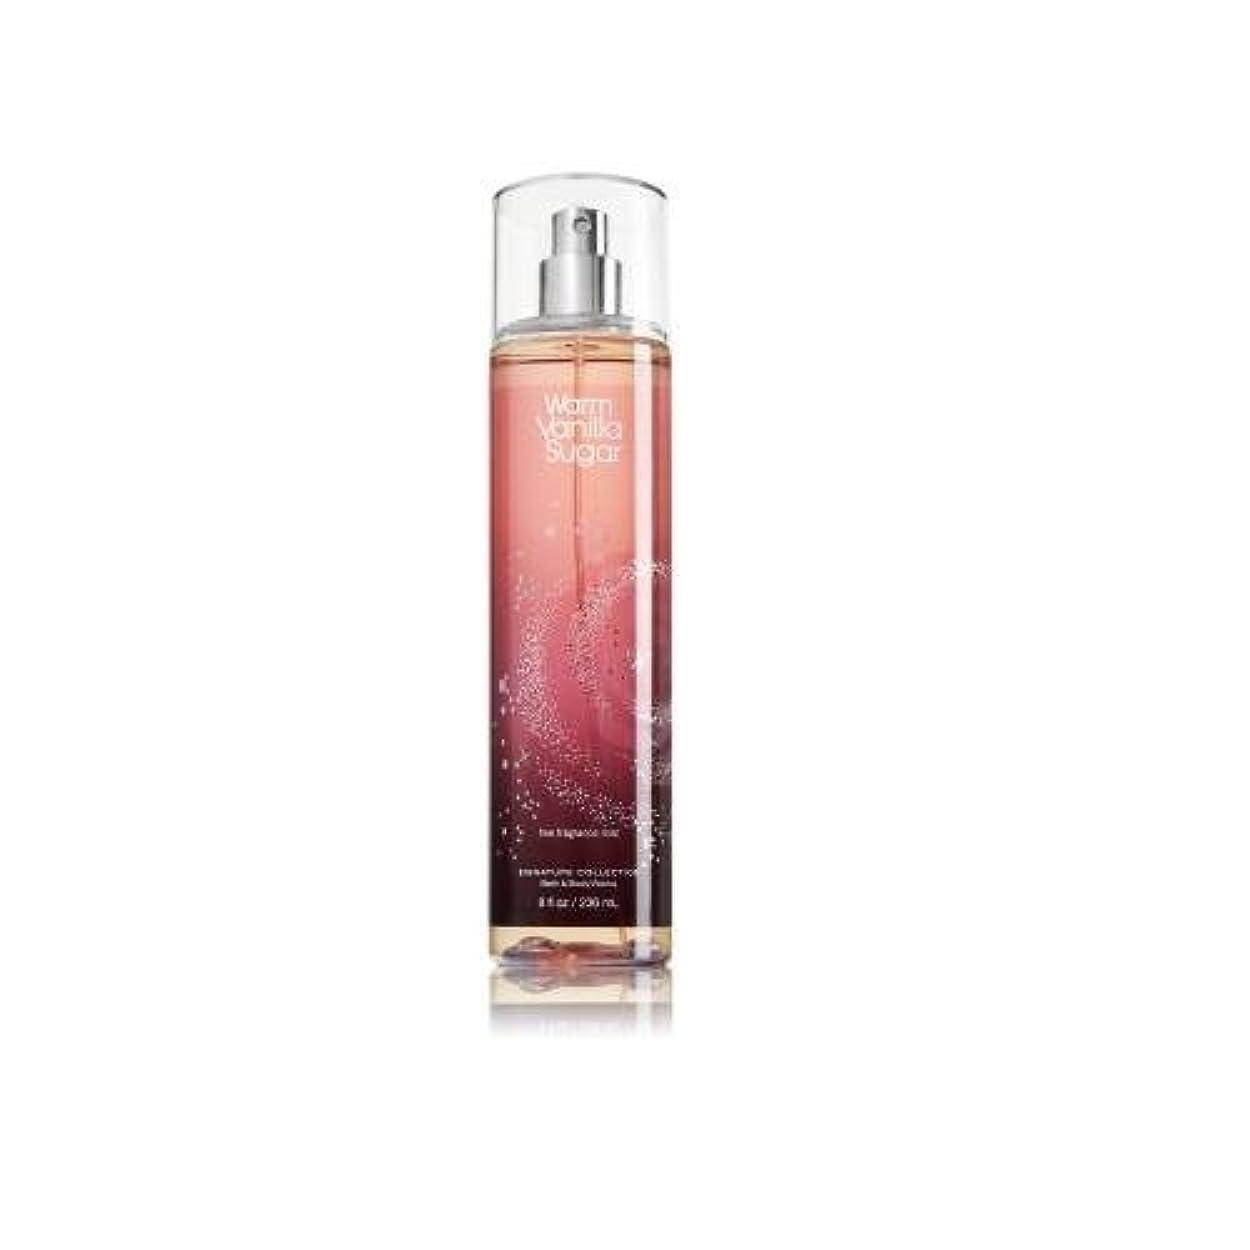 ジャンク気絶させる有罪Bath & Body Works ウォームバニラシュガー フレグランスミスト warm vanilla sugar Fragrance Mist[並行輸入品]